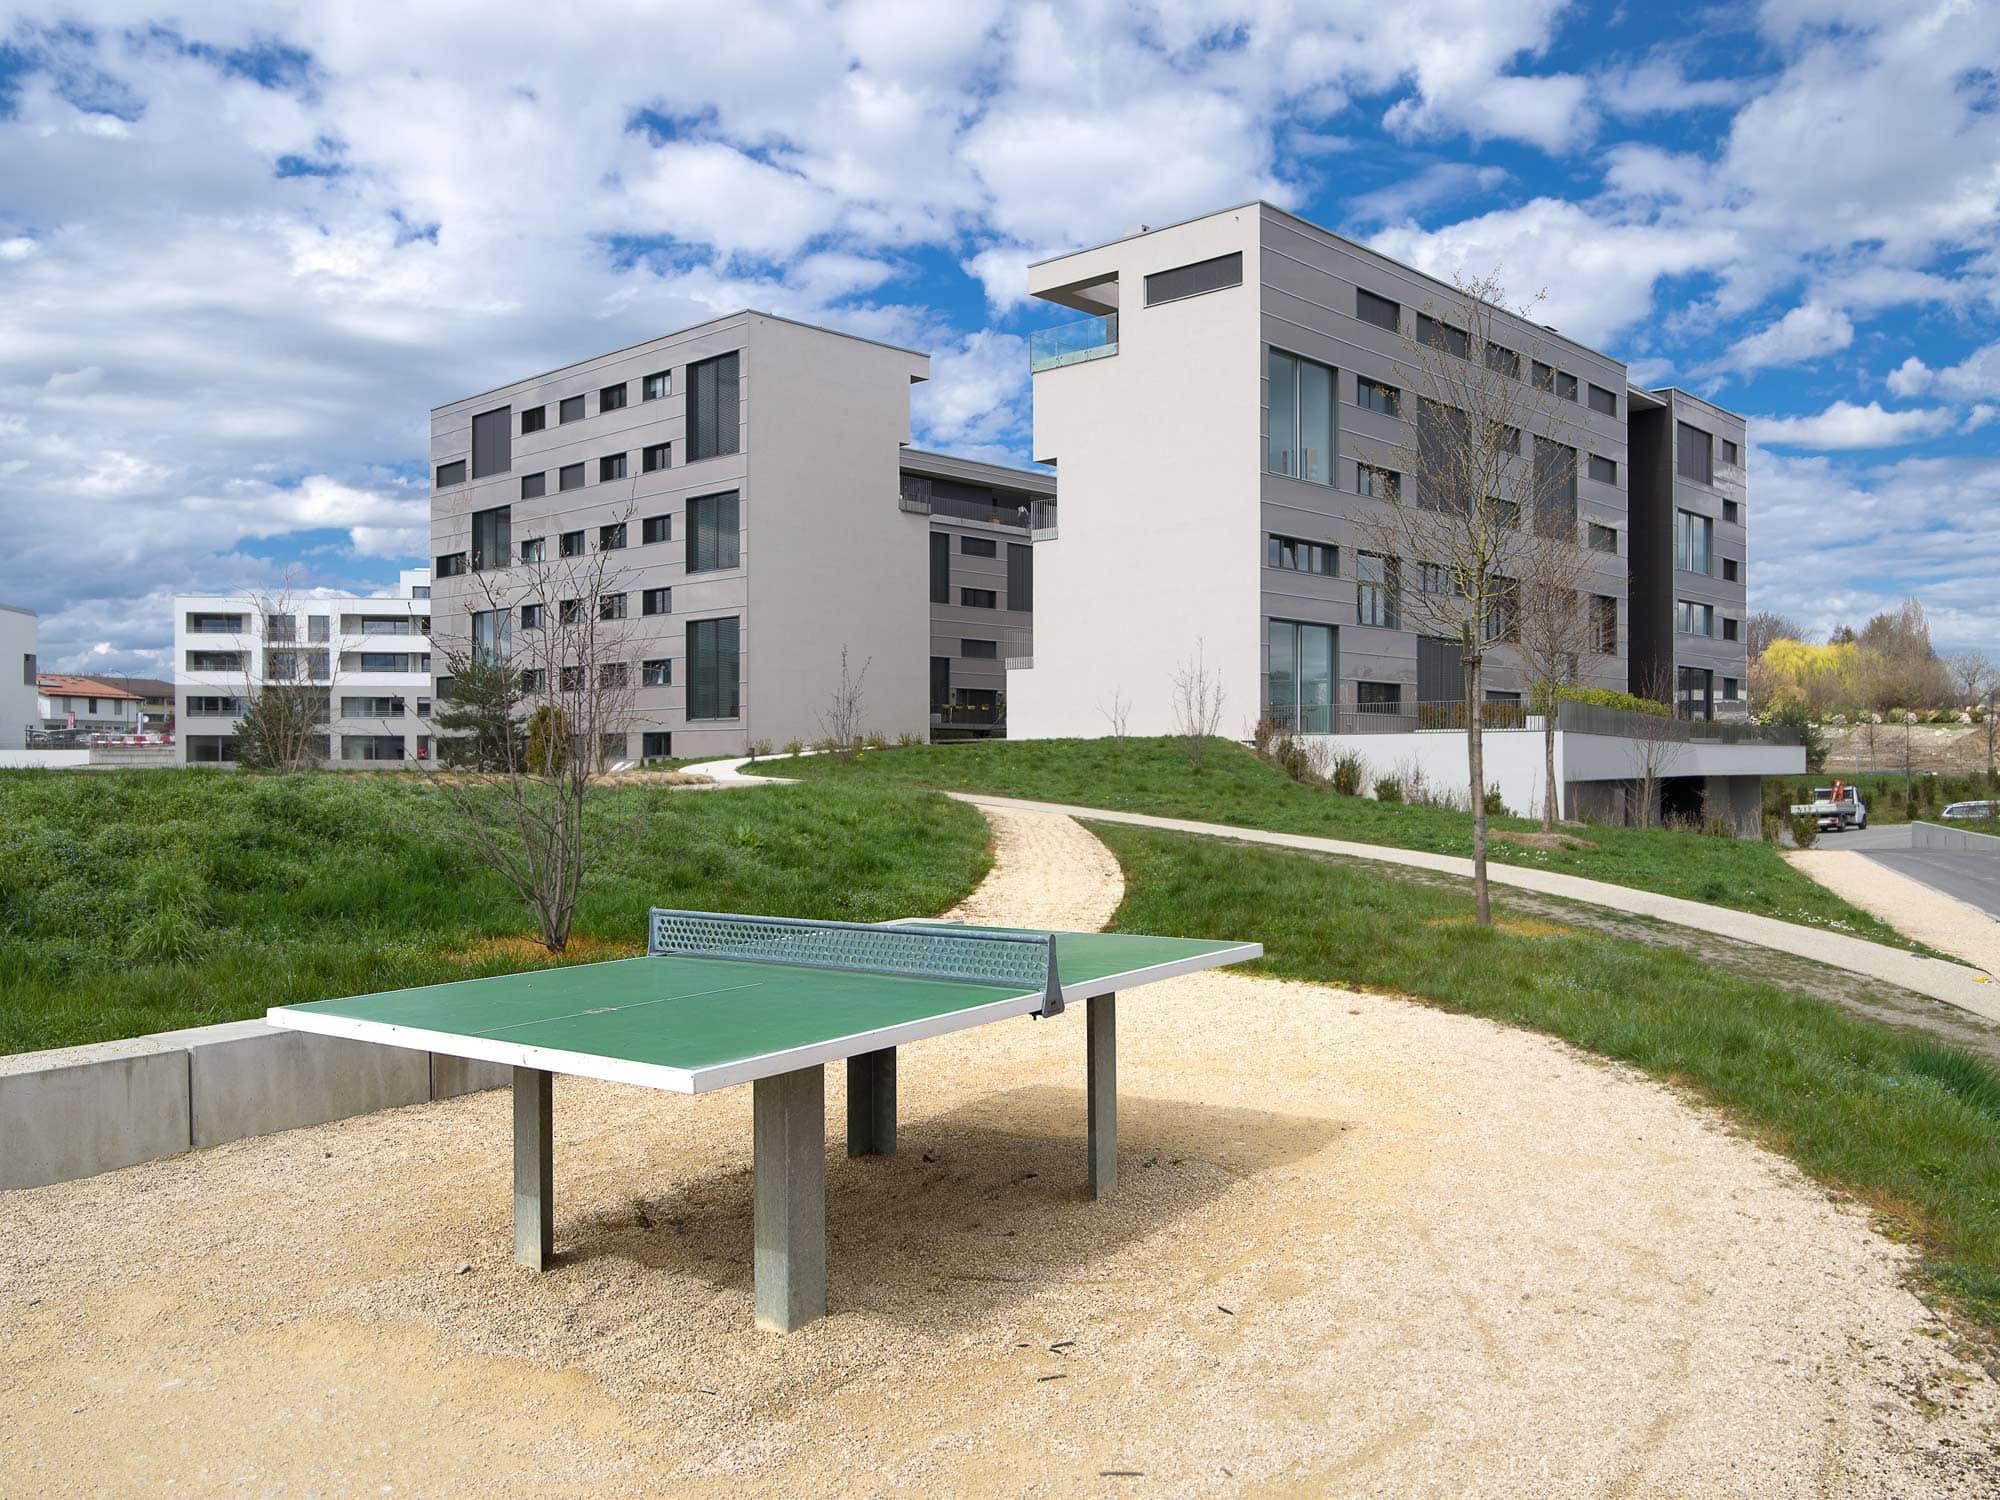 table de ping pong avec quartier d'habitation en arrièreplan